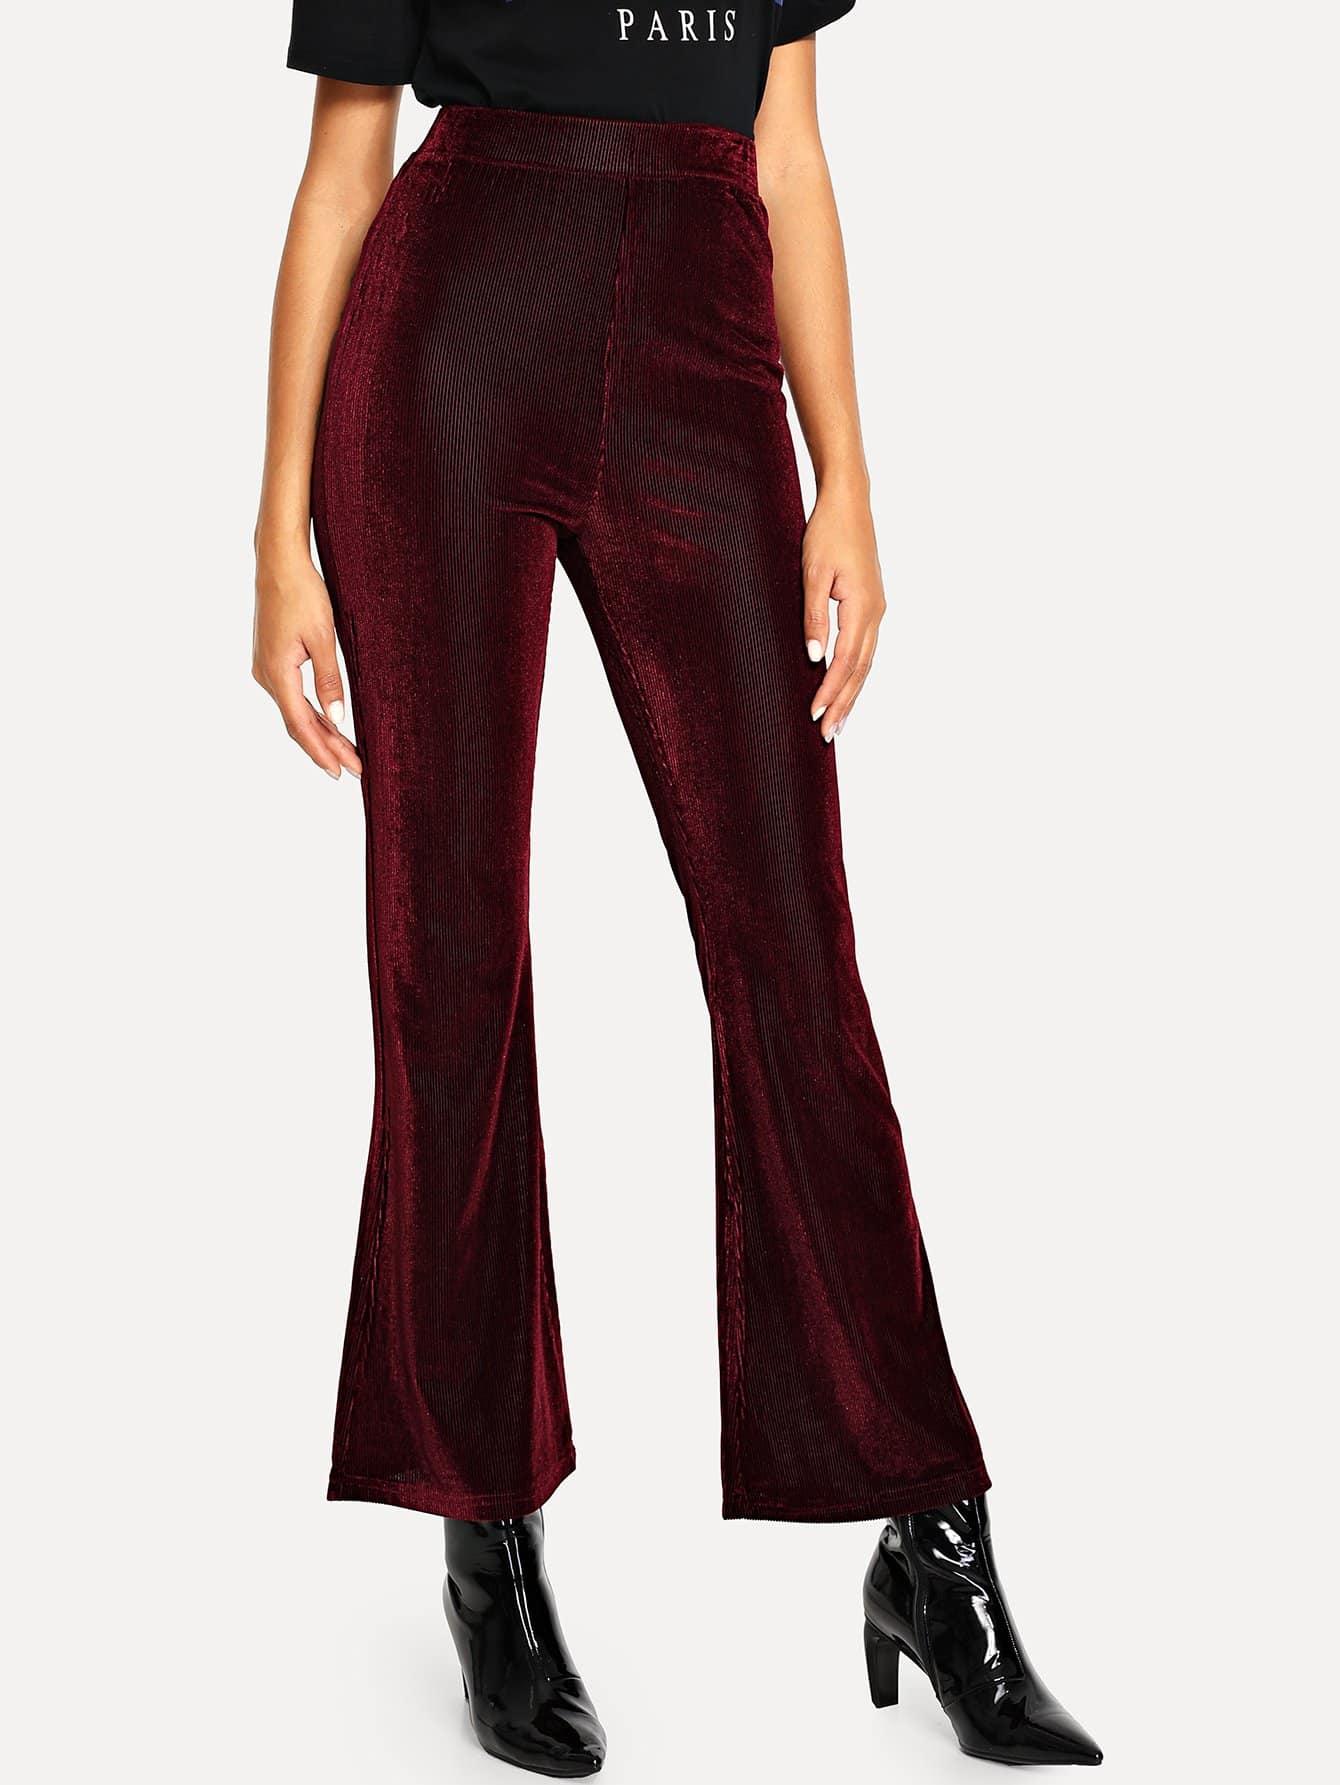 Купить Бархатные расклешенные брюки с широкой талией, Elaine, SheIn